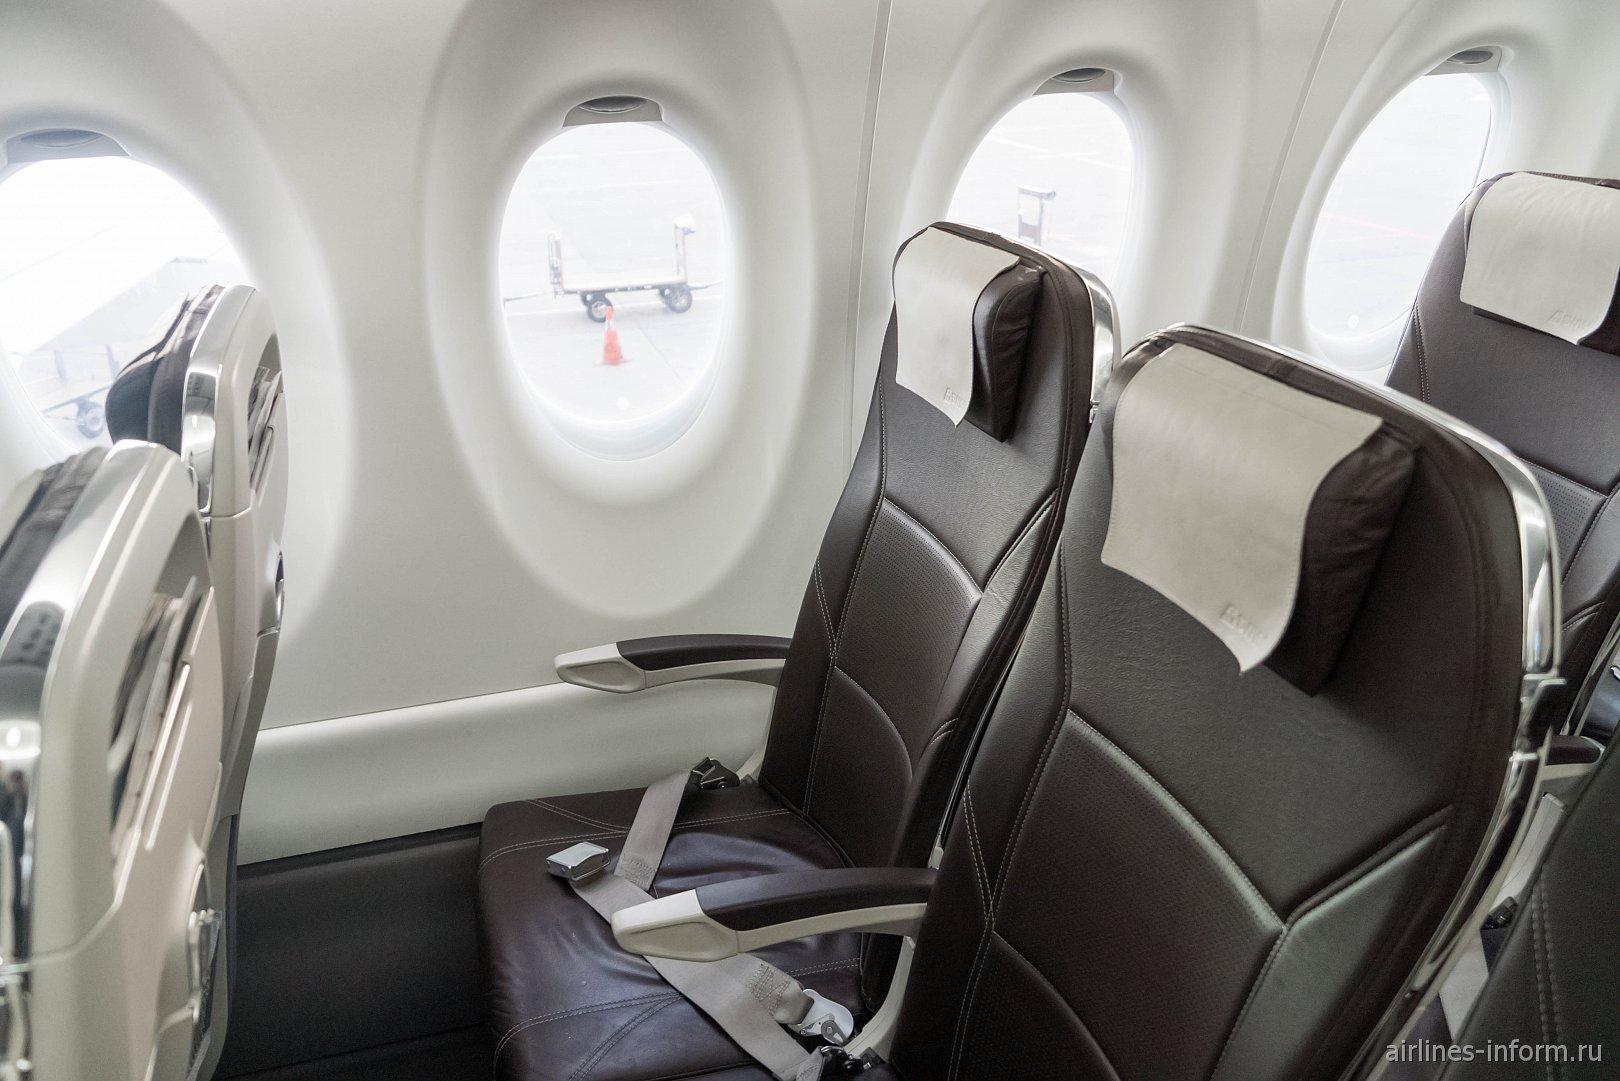 Пассажирские кресла в самолете Bombardier CS300 авиакомпании SWISS